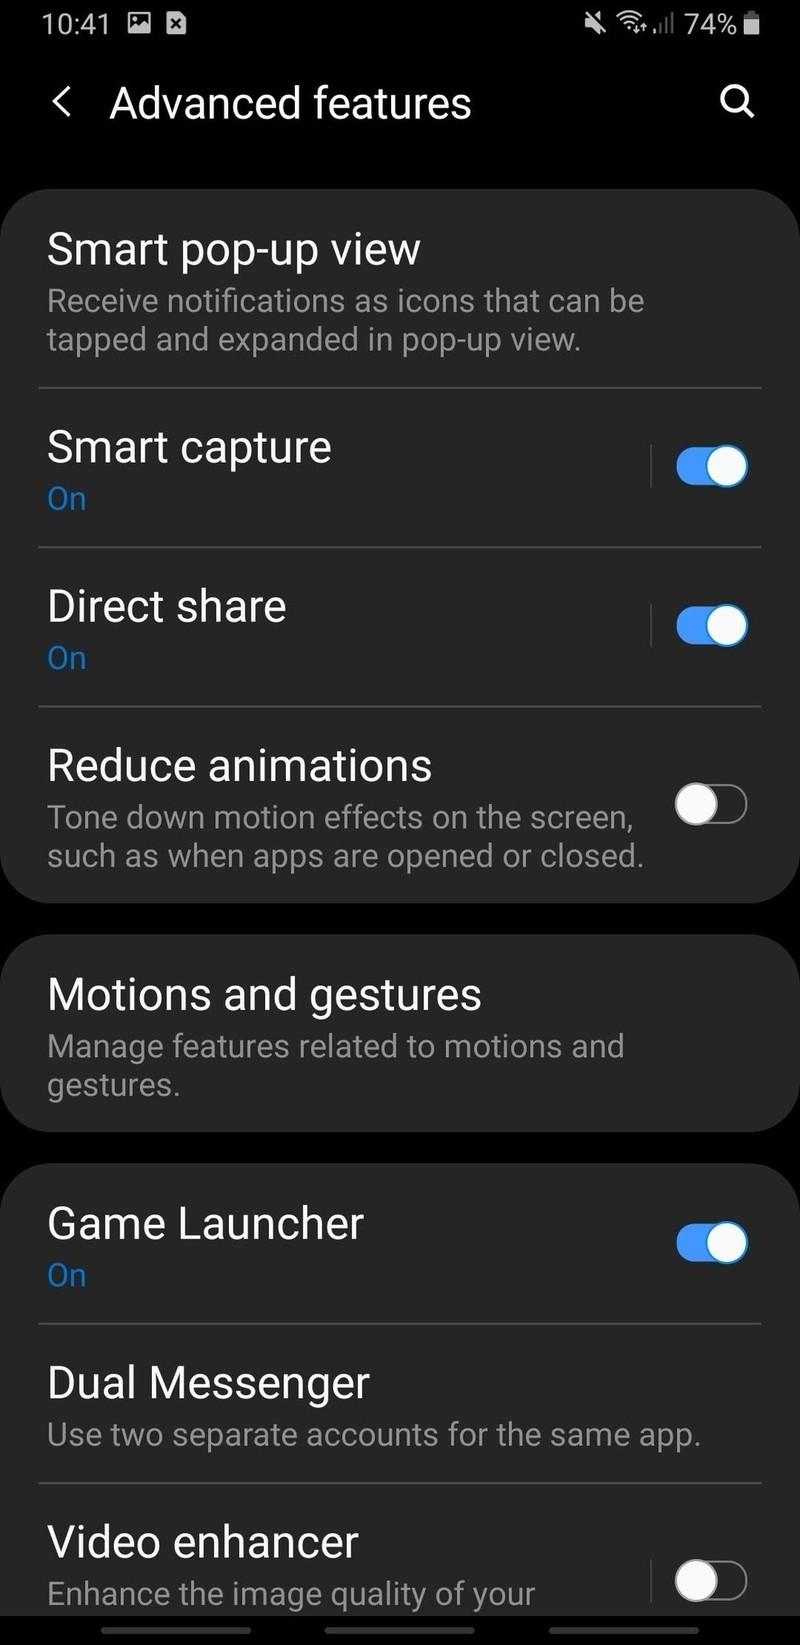 oneui-screenshot-swipe-activate-3.jpg?it